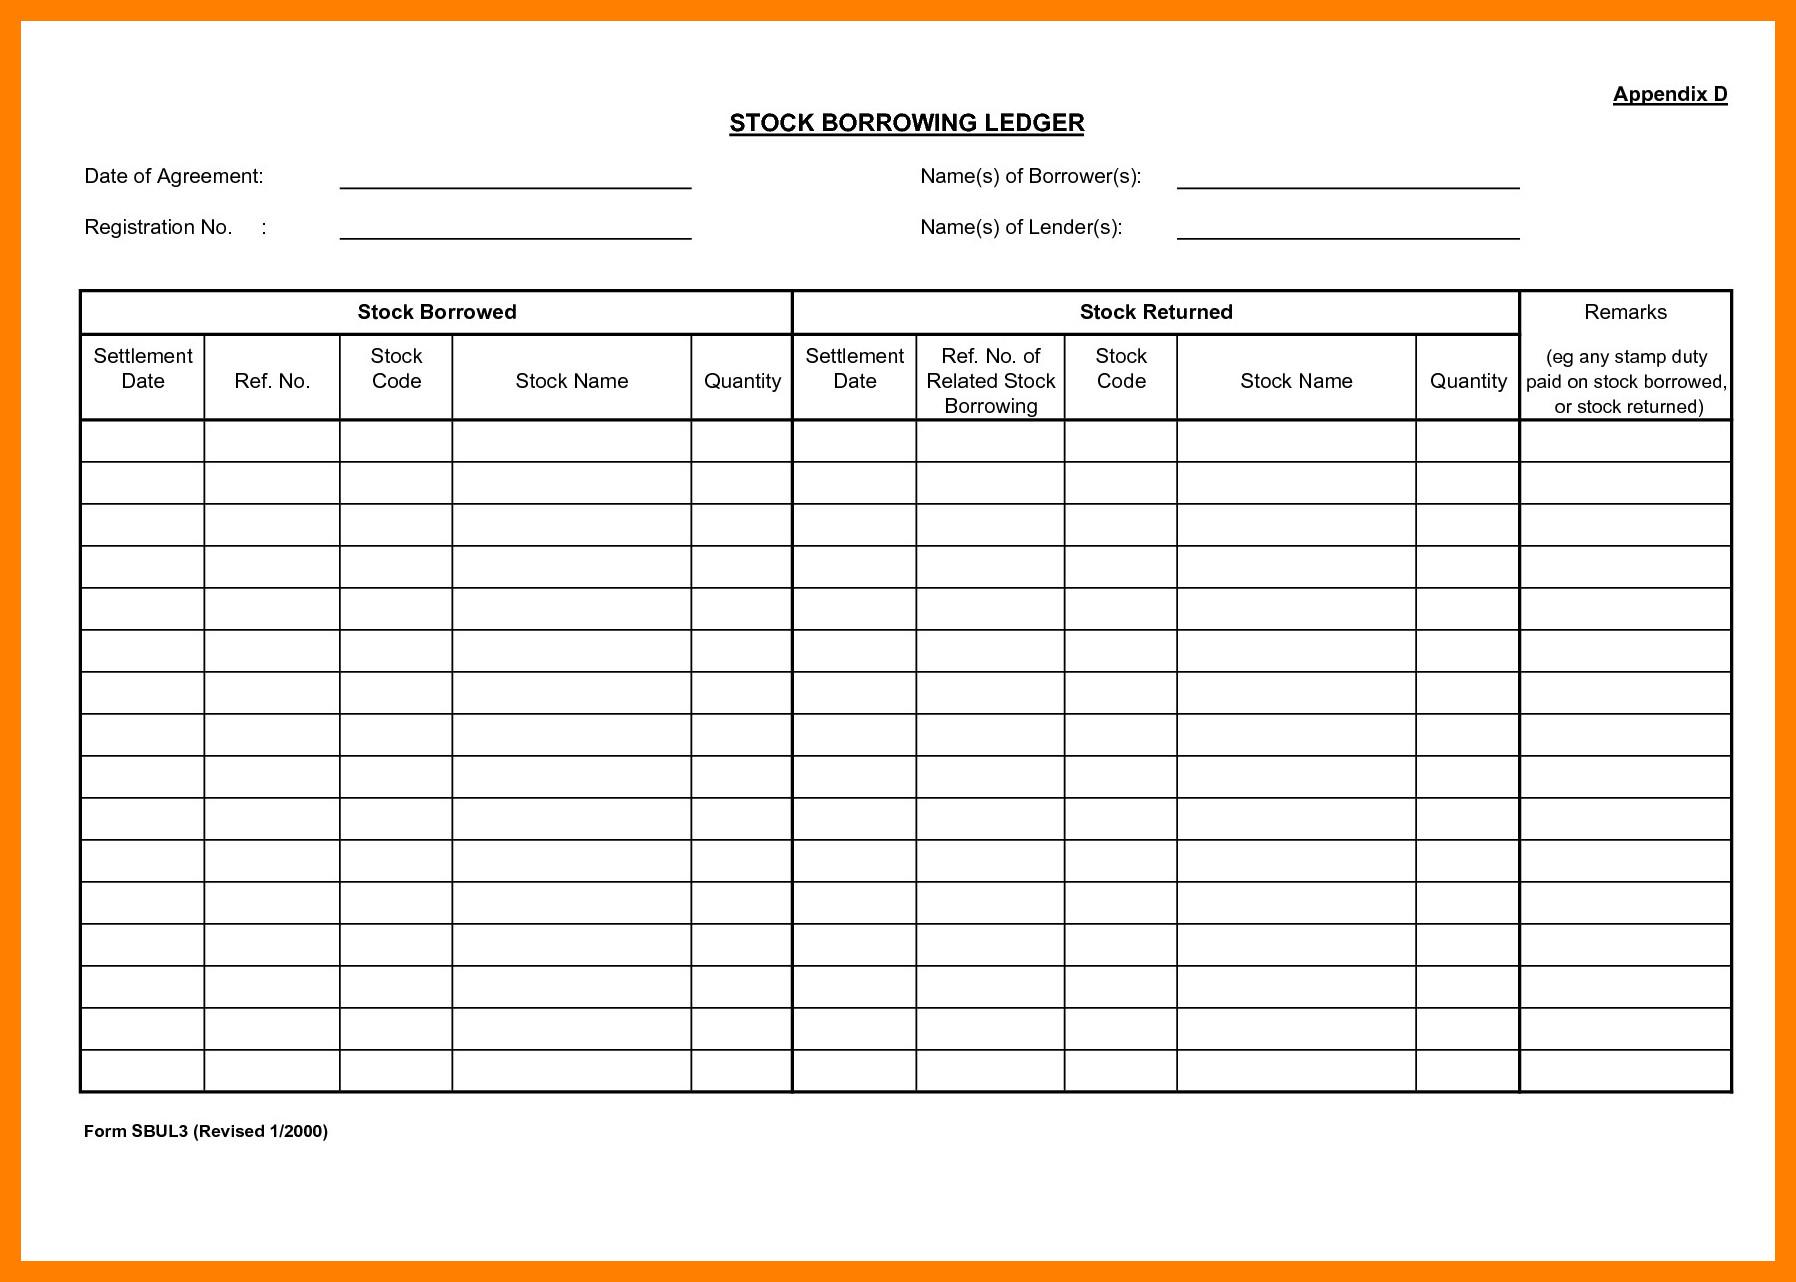 Stock Transfer Ledger Template 7 Stock Ledger forms